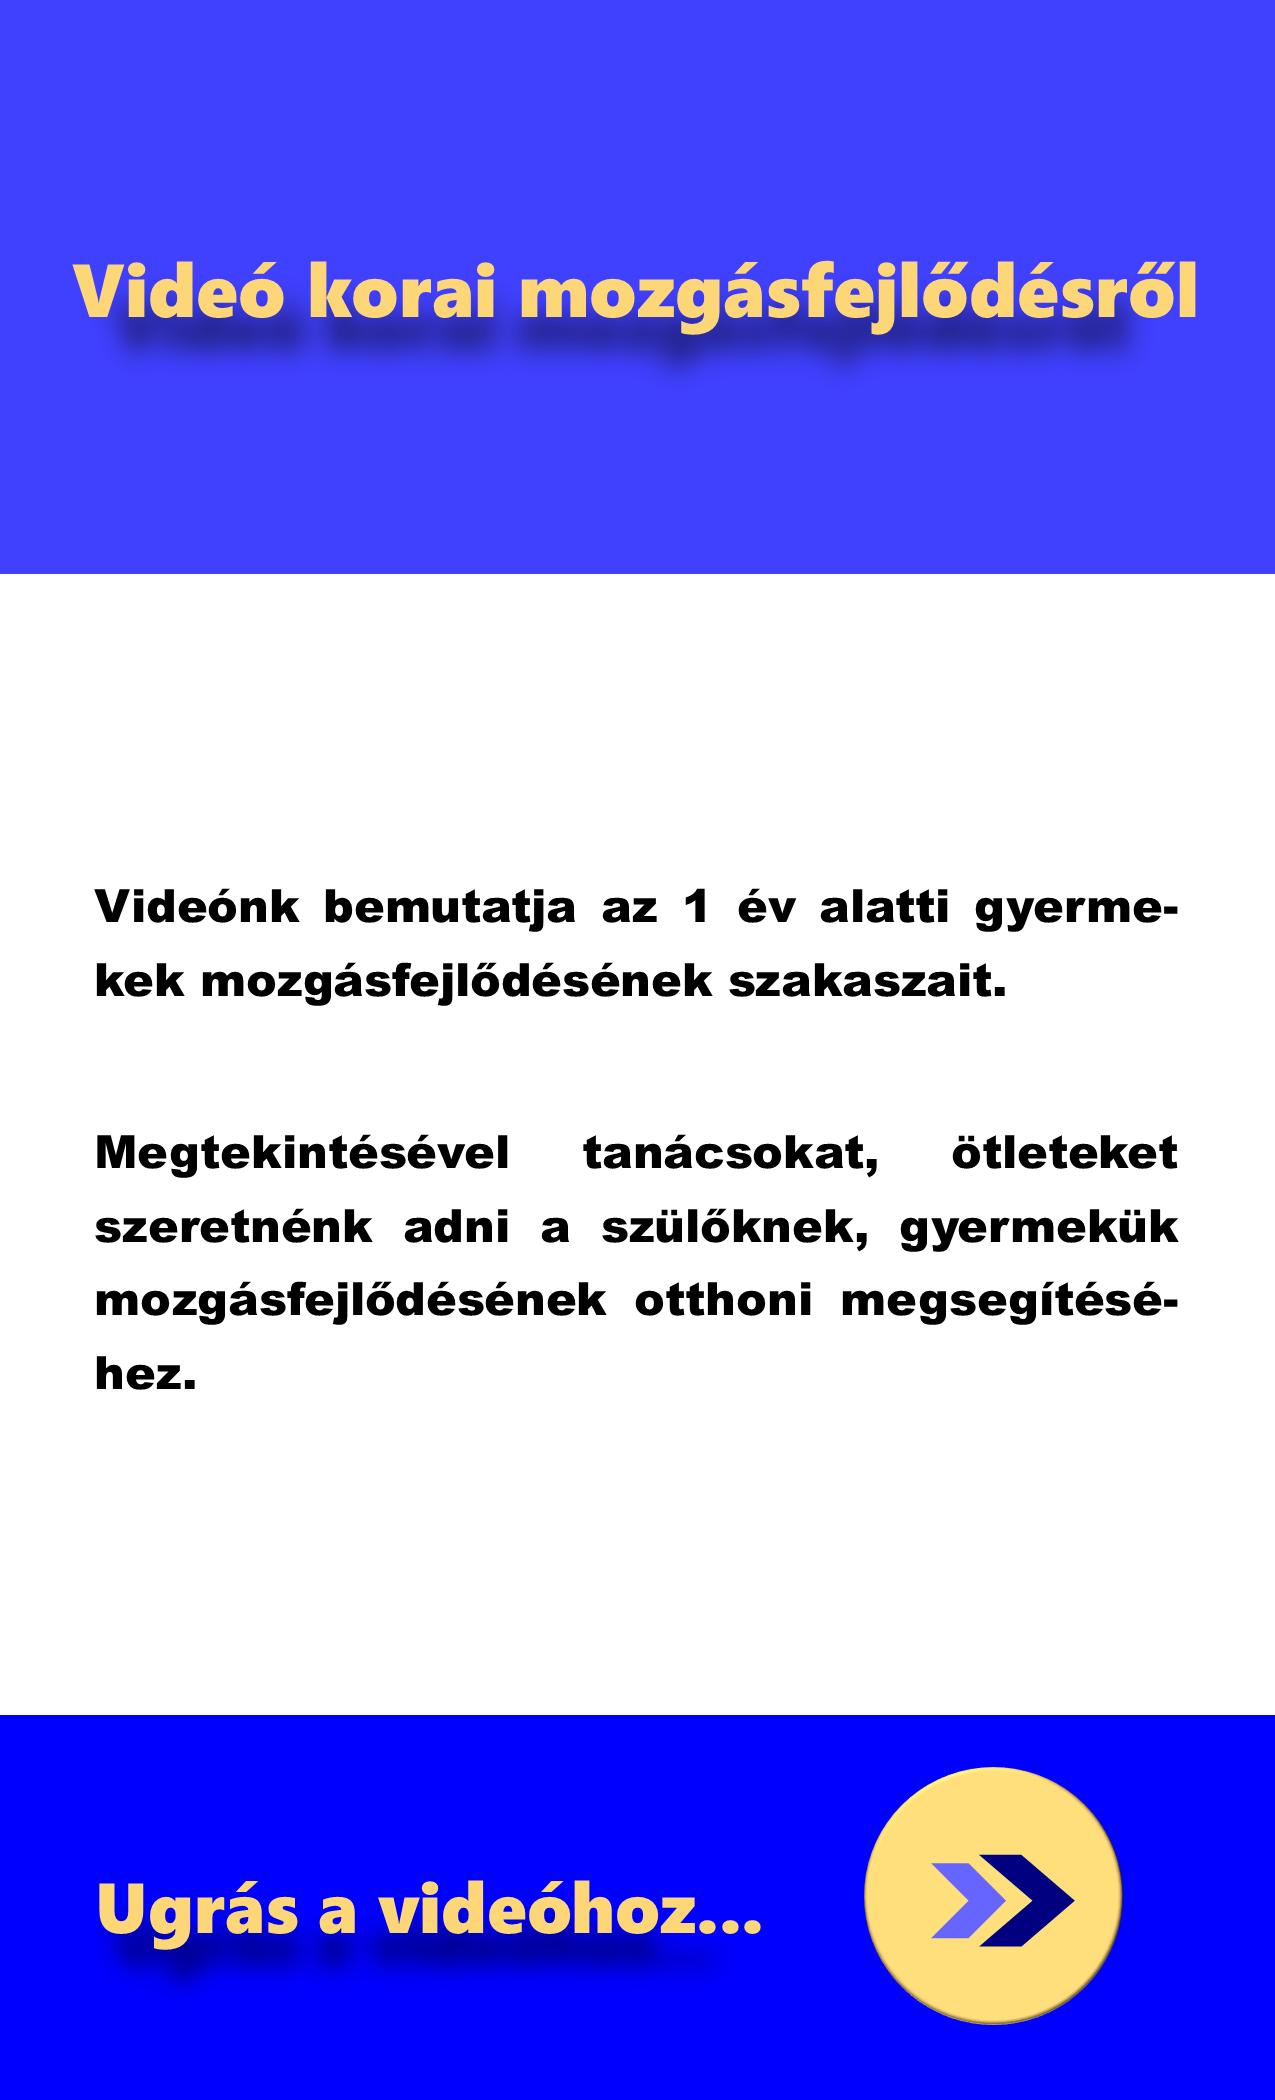 Webhelyhez_korai-vide_v2